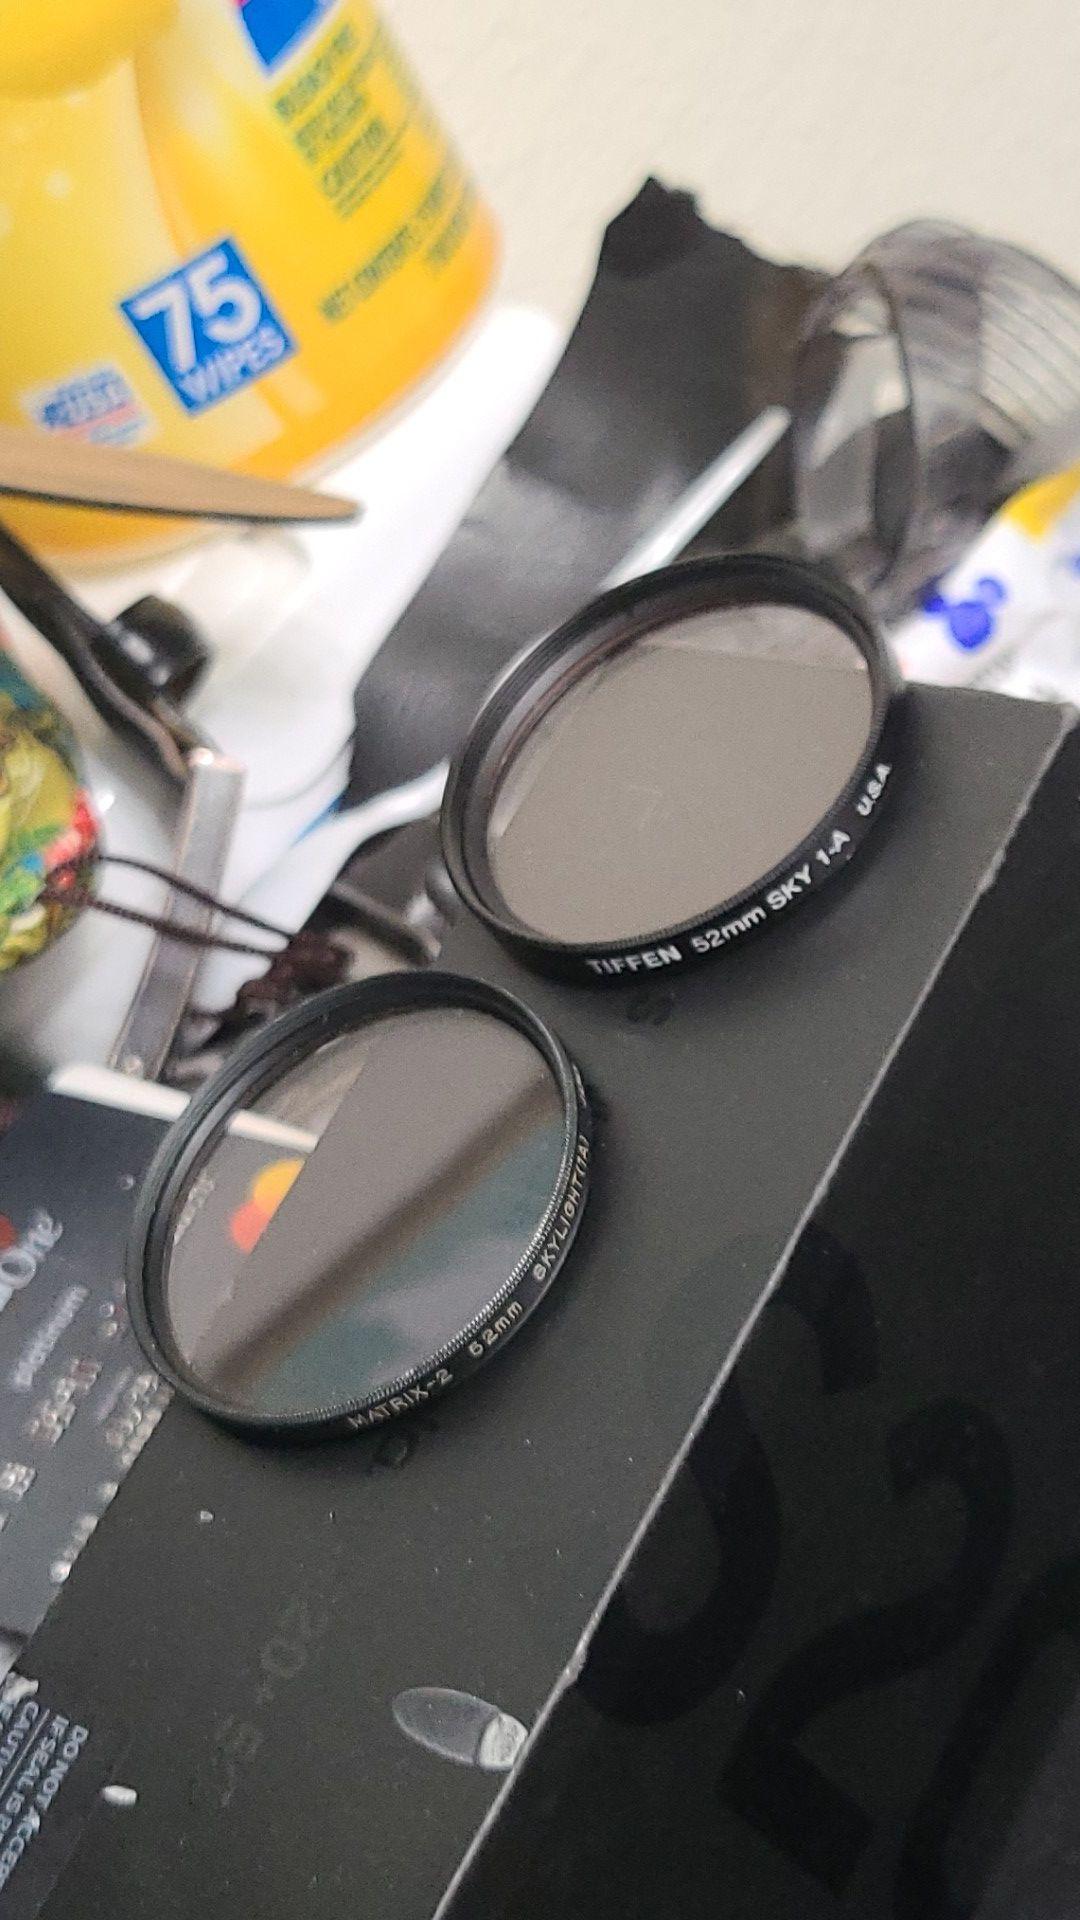 2 52mm DSLR lens filters Matrix-2 & Tiffen